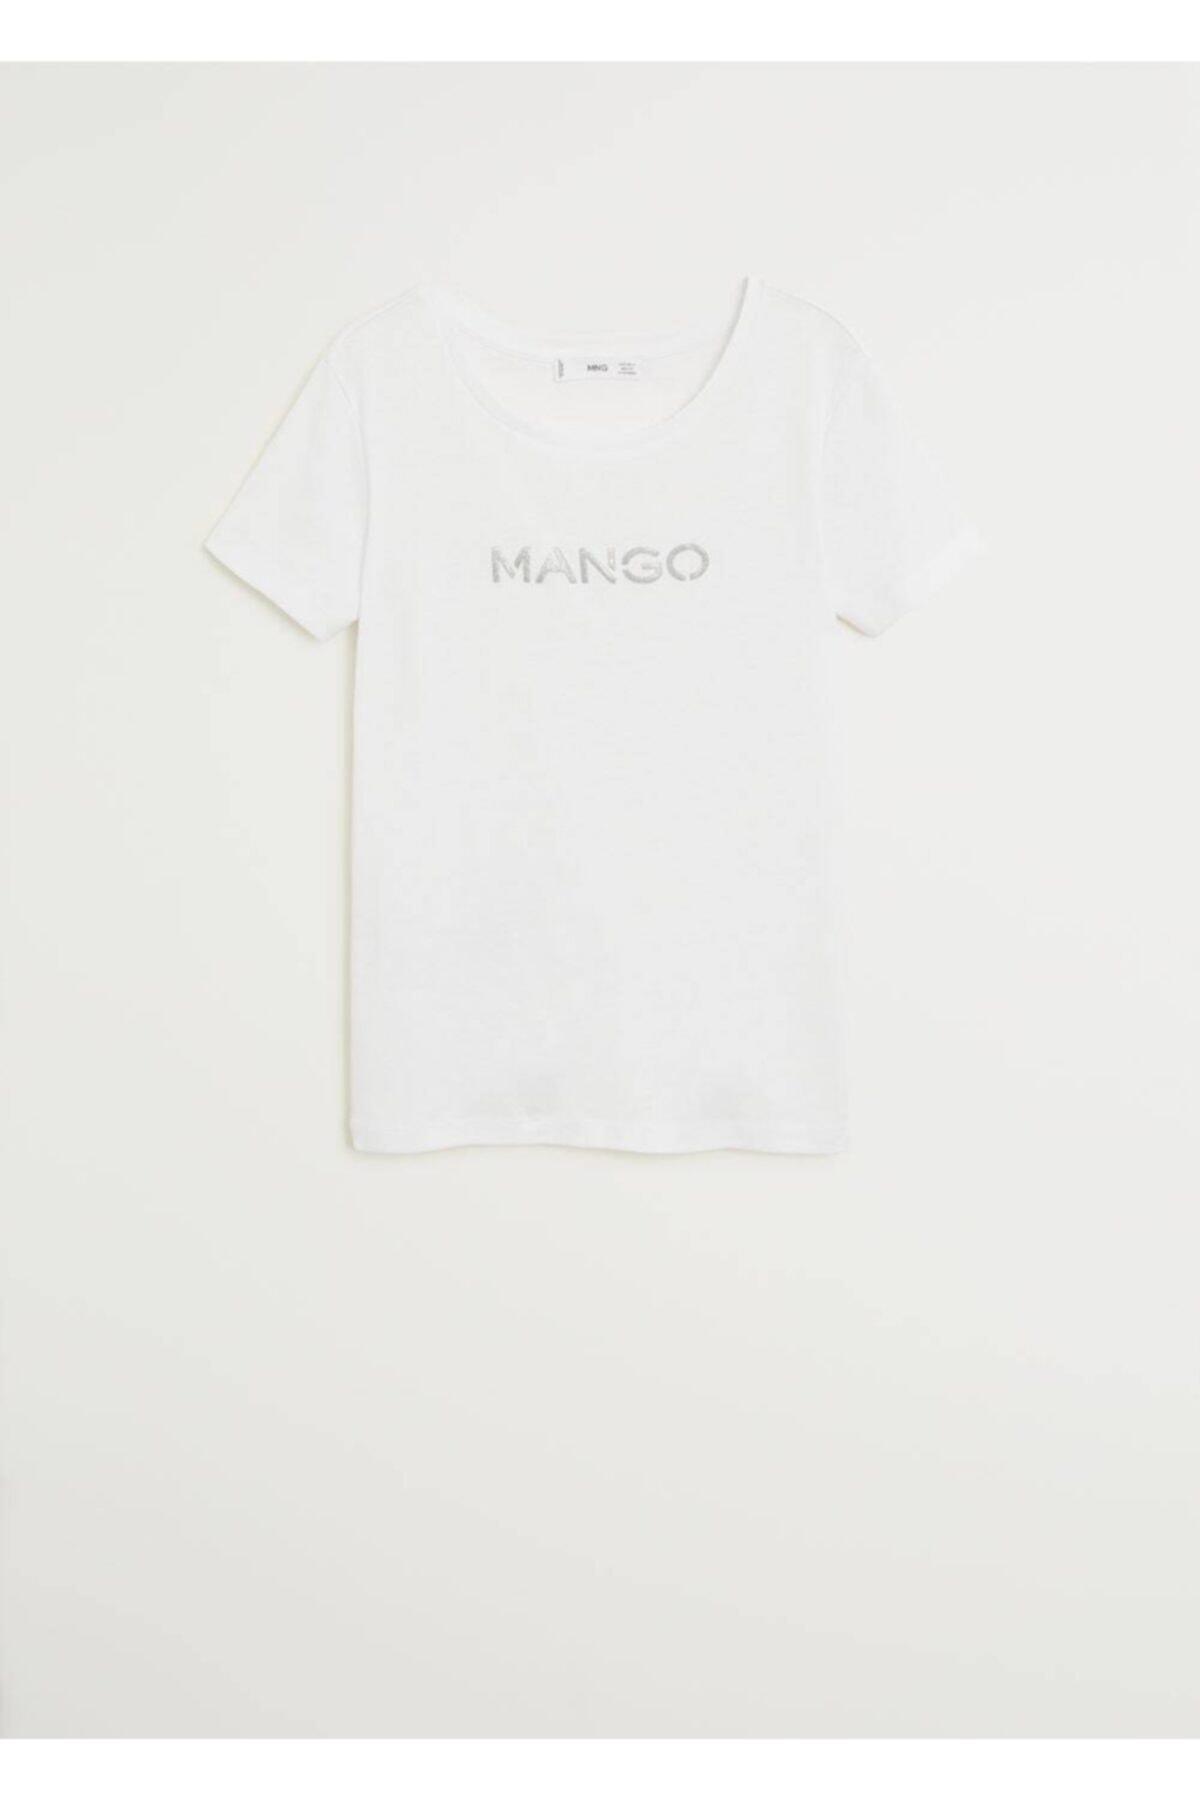 MANGO Woman Kadın Beyaz Metalik Logolu Tişört 77050535 1